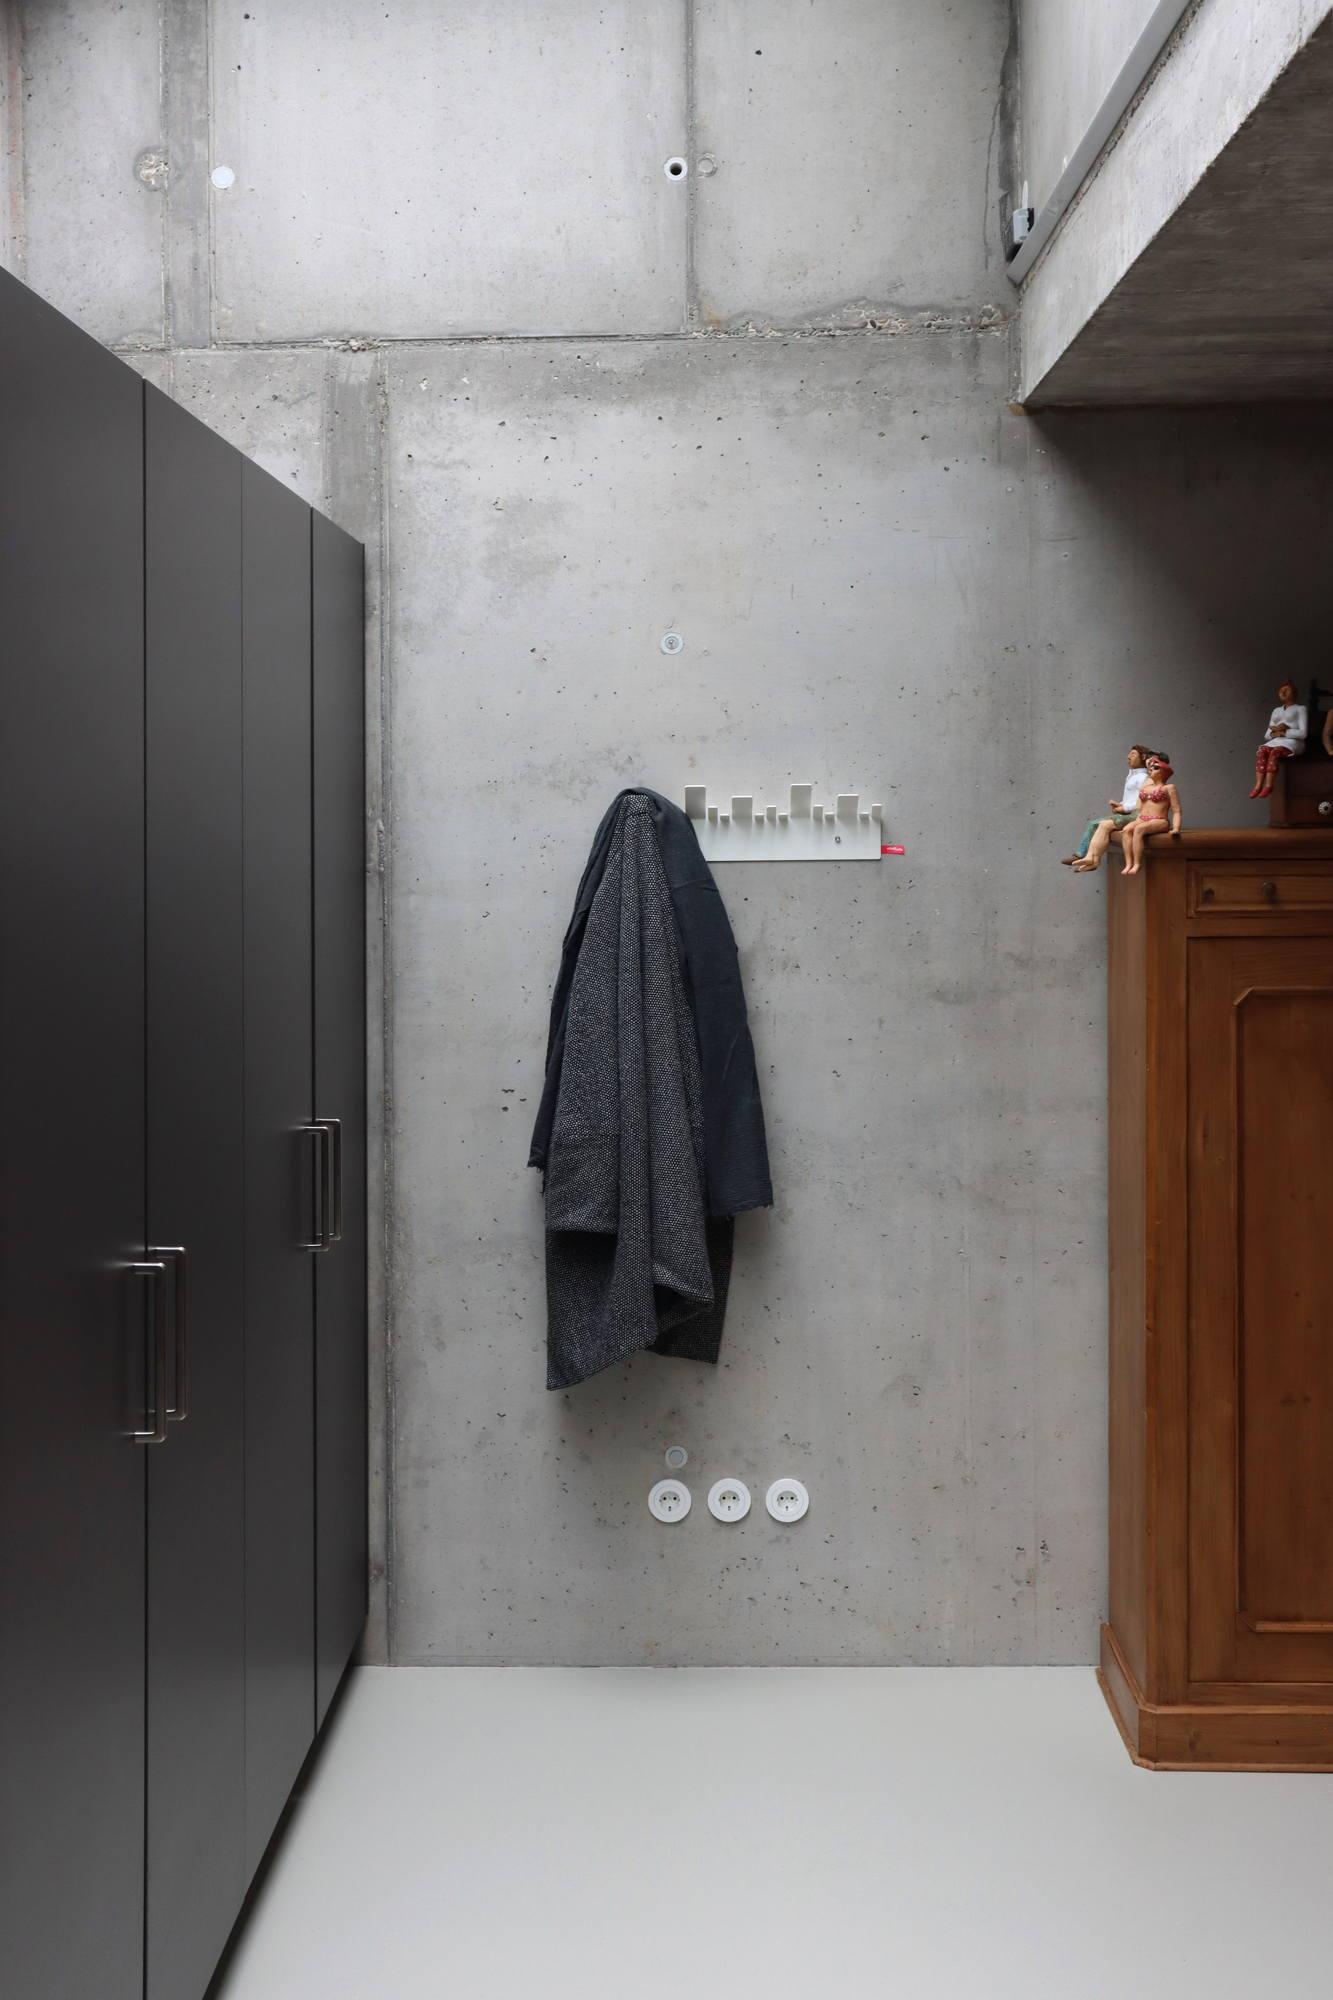 R_B_IMG_1776_Hoch_OBE_Garderobe_Design_Stadtteile